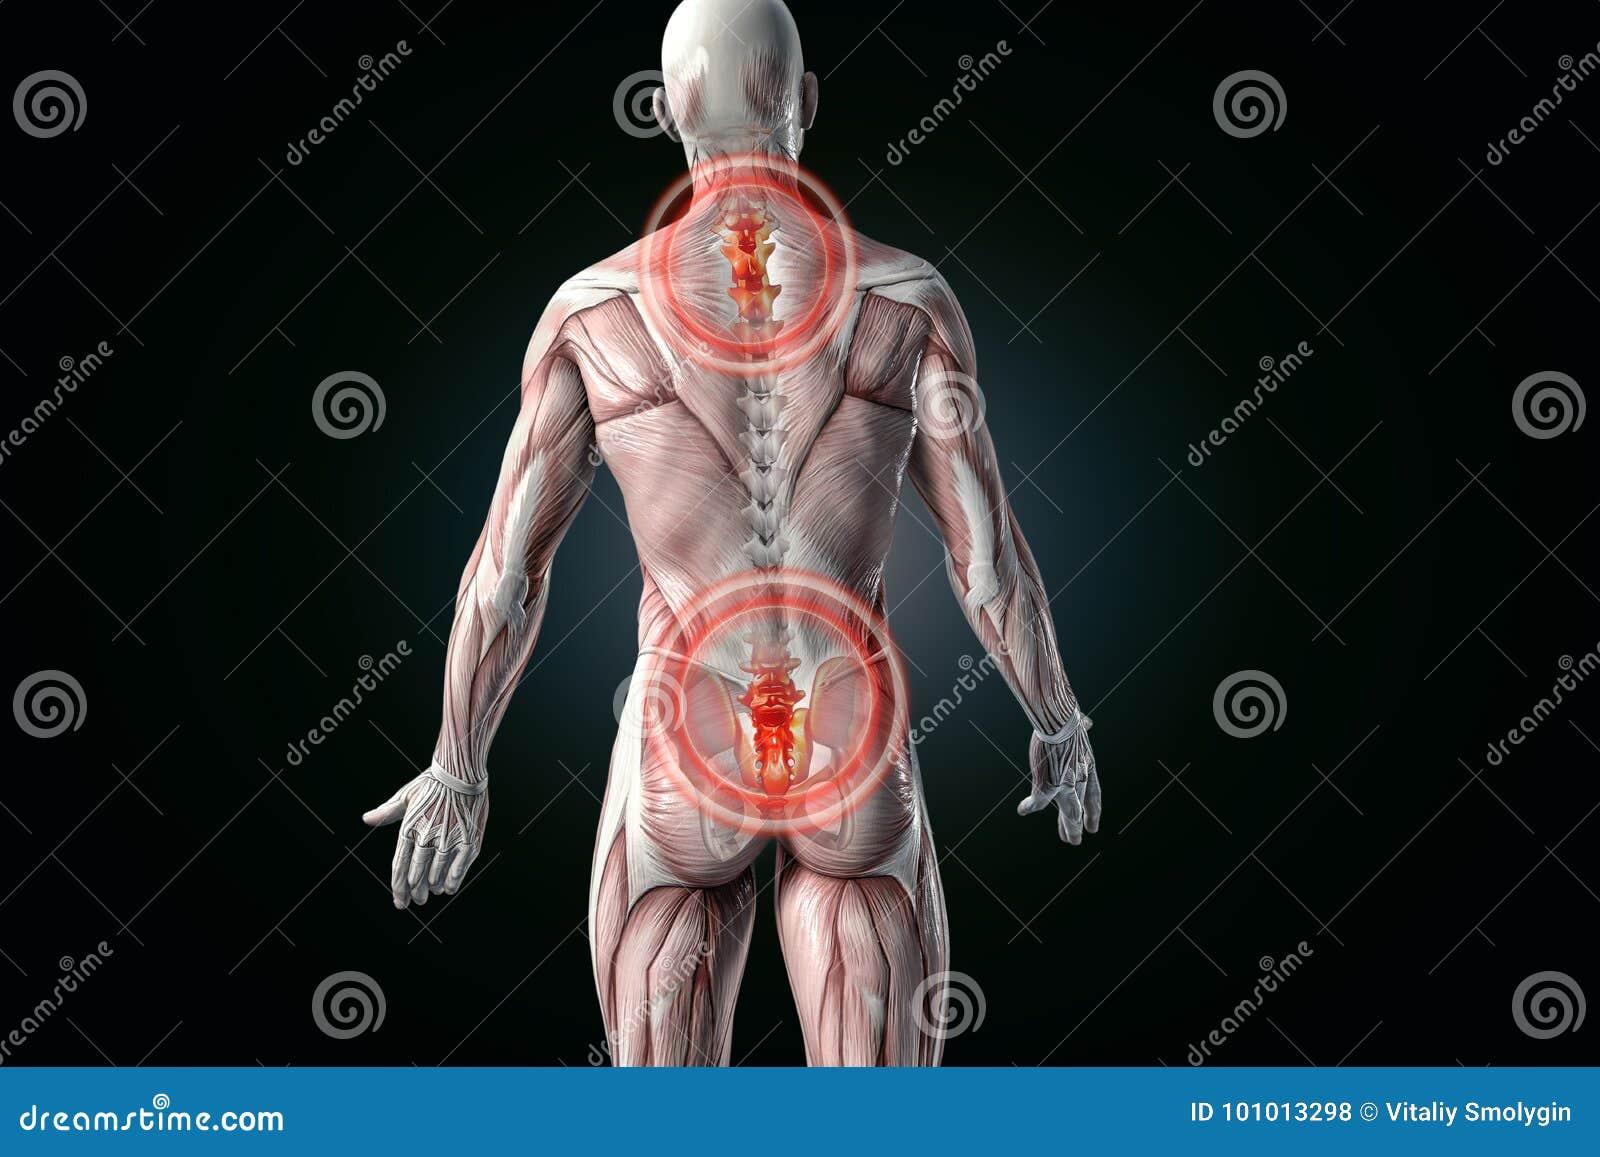 Dolor De Espalda Anatómico De La Visión Dolor De Un Espalda Más ...